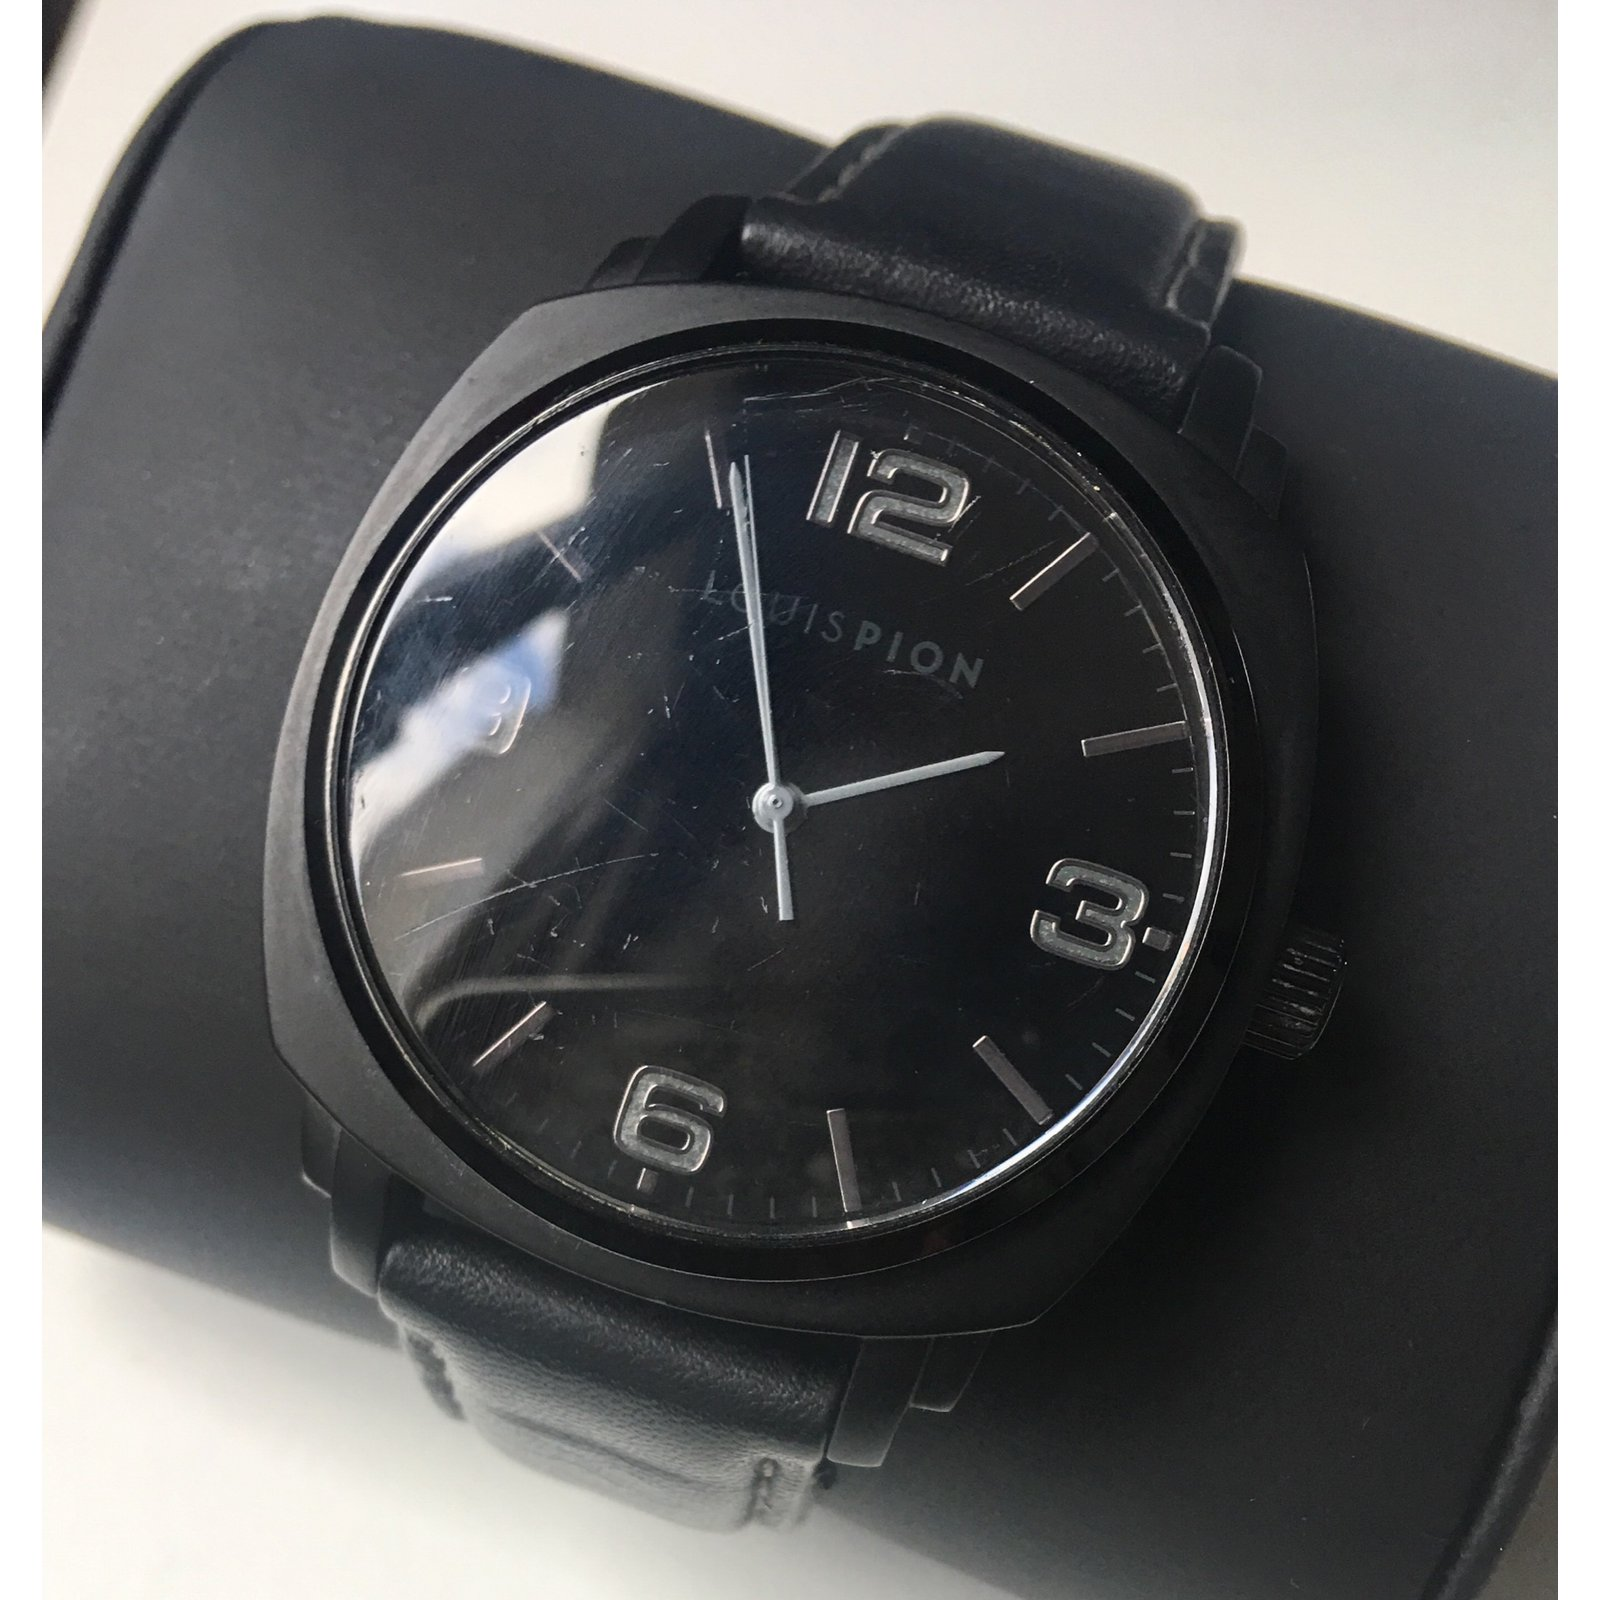 2c7cd482ae435e Autre Marque Louis Pion Watch Quartz Watches Leather,Steel Black ref ...